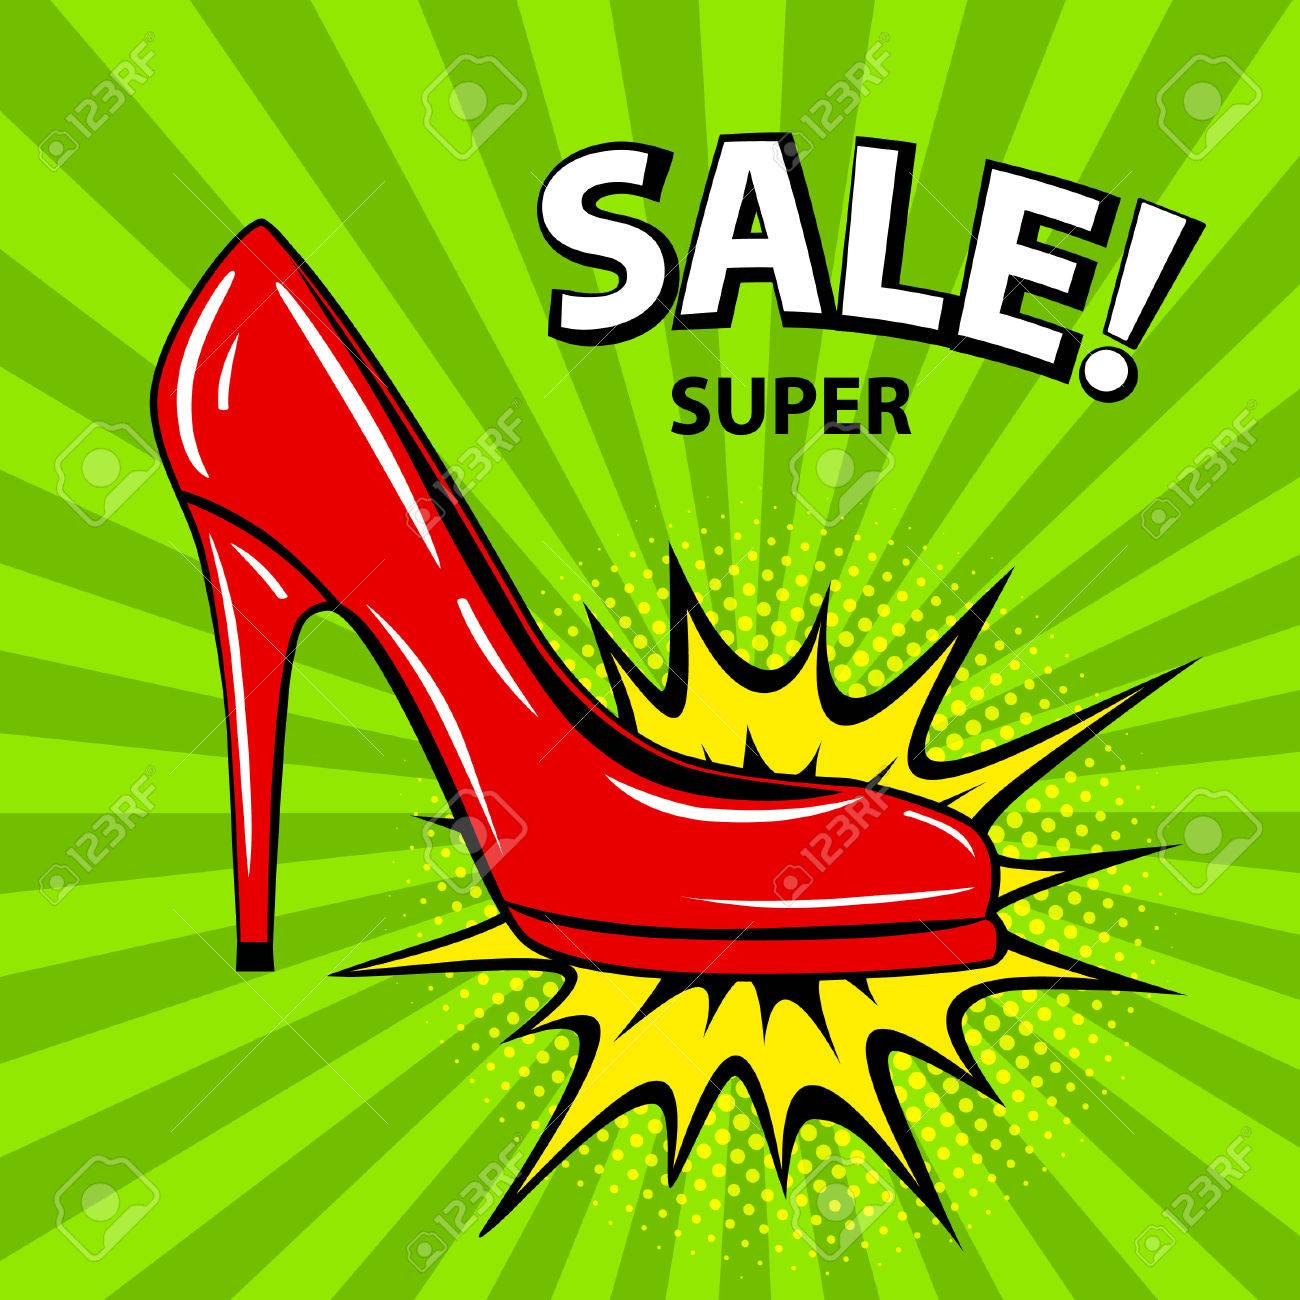 Super Sale Schuhe Banner Im Comic Stil Pop Art Mit Rotem Absatz